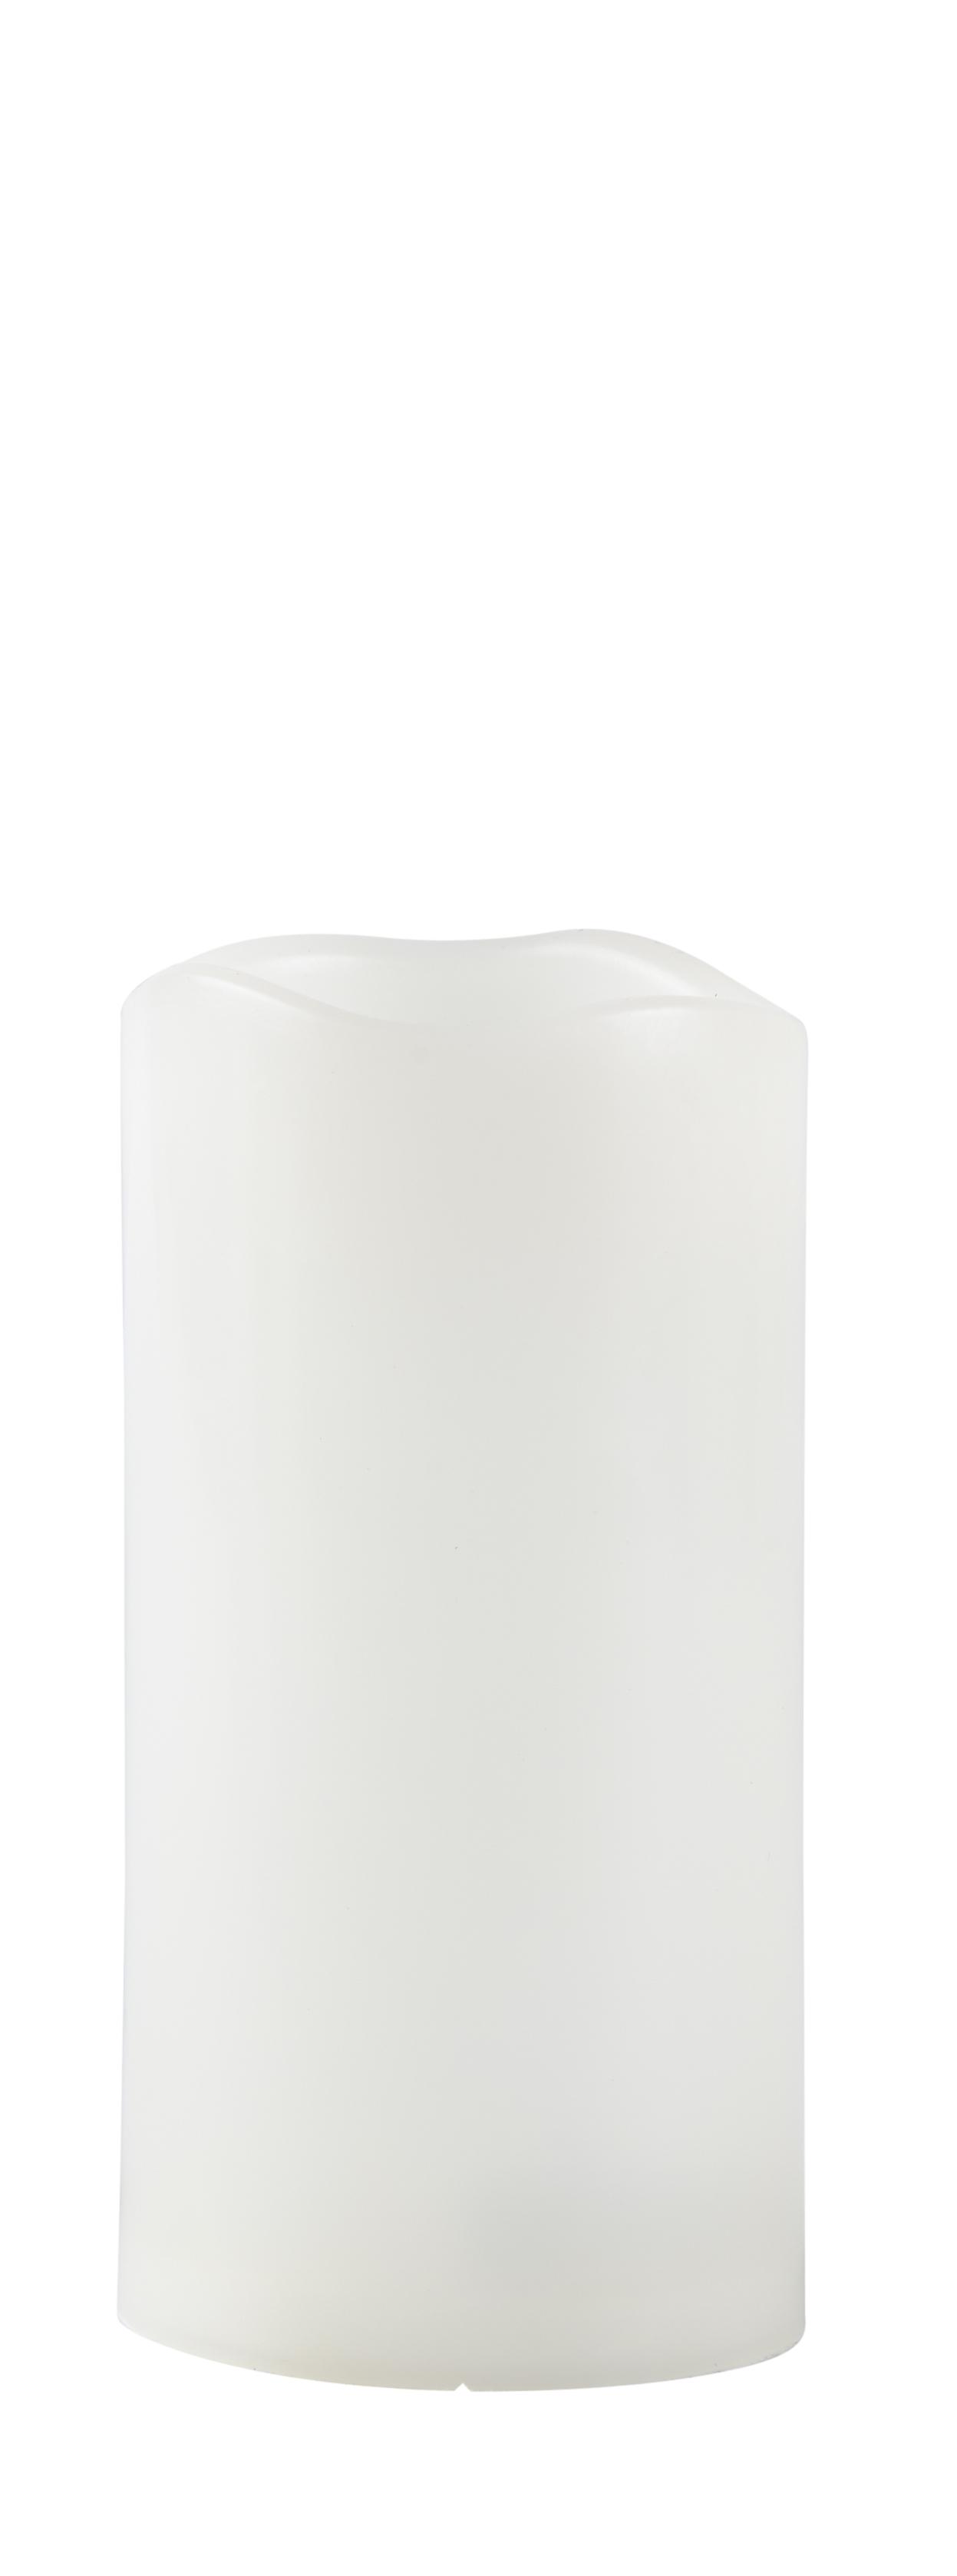 Image of   LED bloklys m. timer. Plast. Hvid. Glat. Flere str. D 7,5, H 10 cm